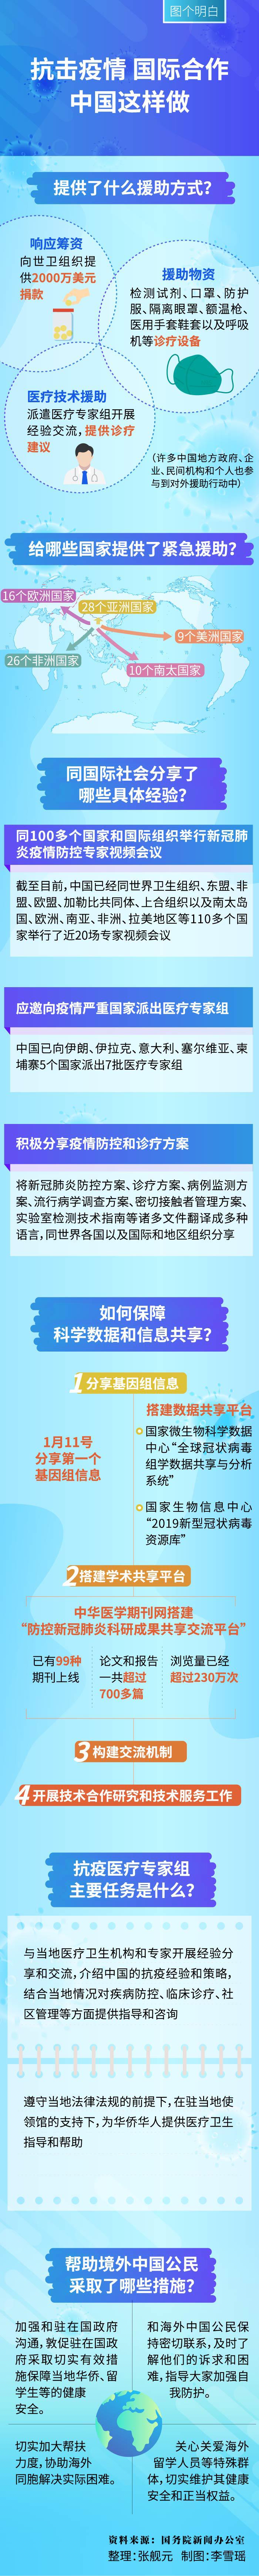 #疫情#,图解|抗击疫情 国际合作,中国这样做